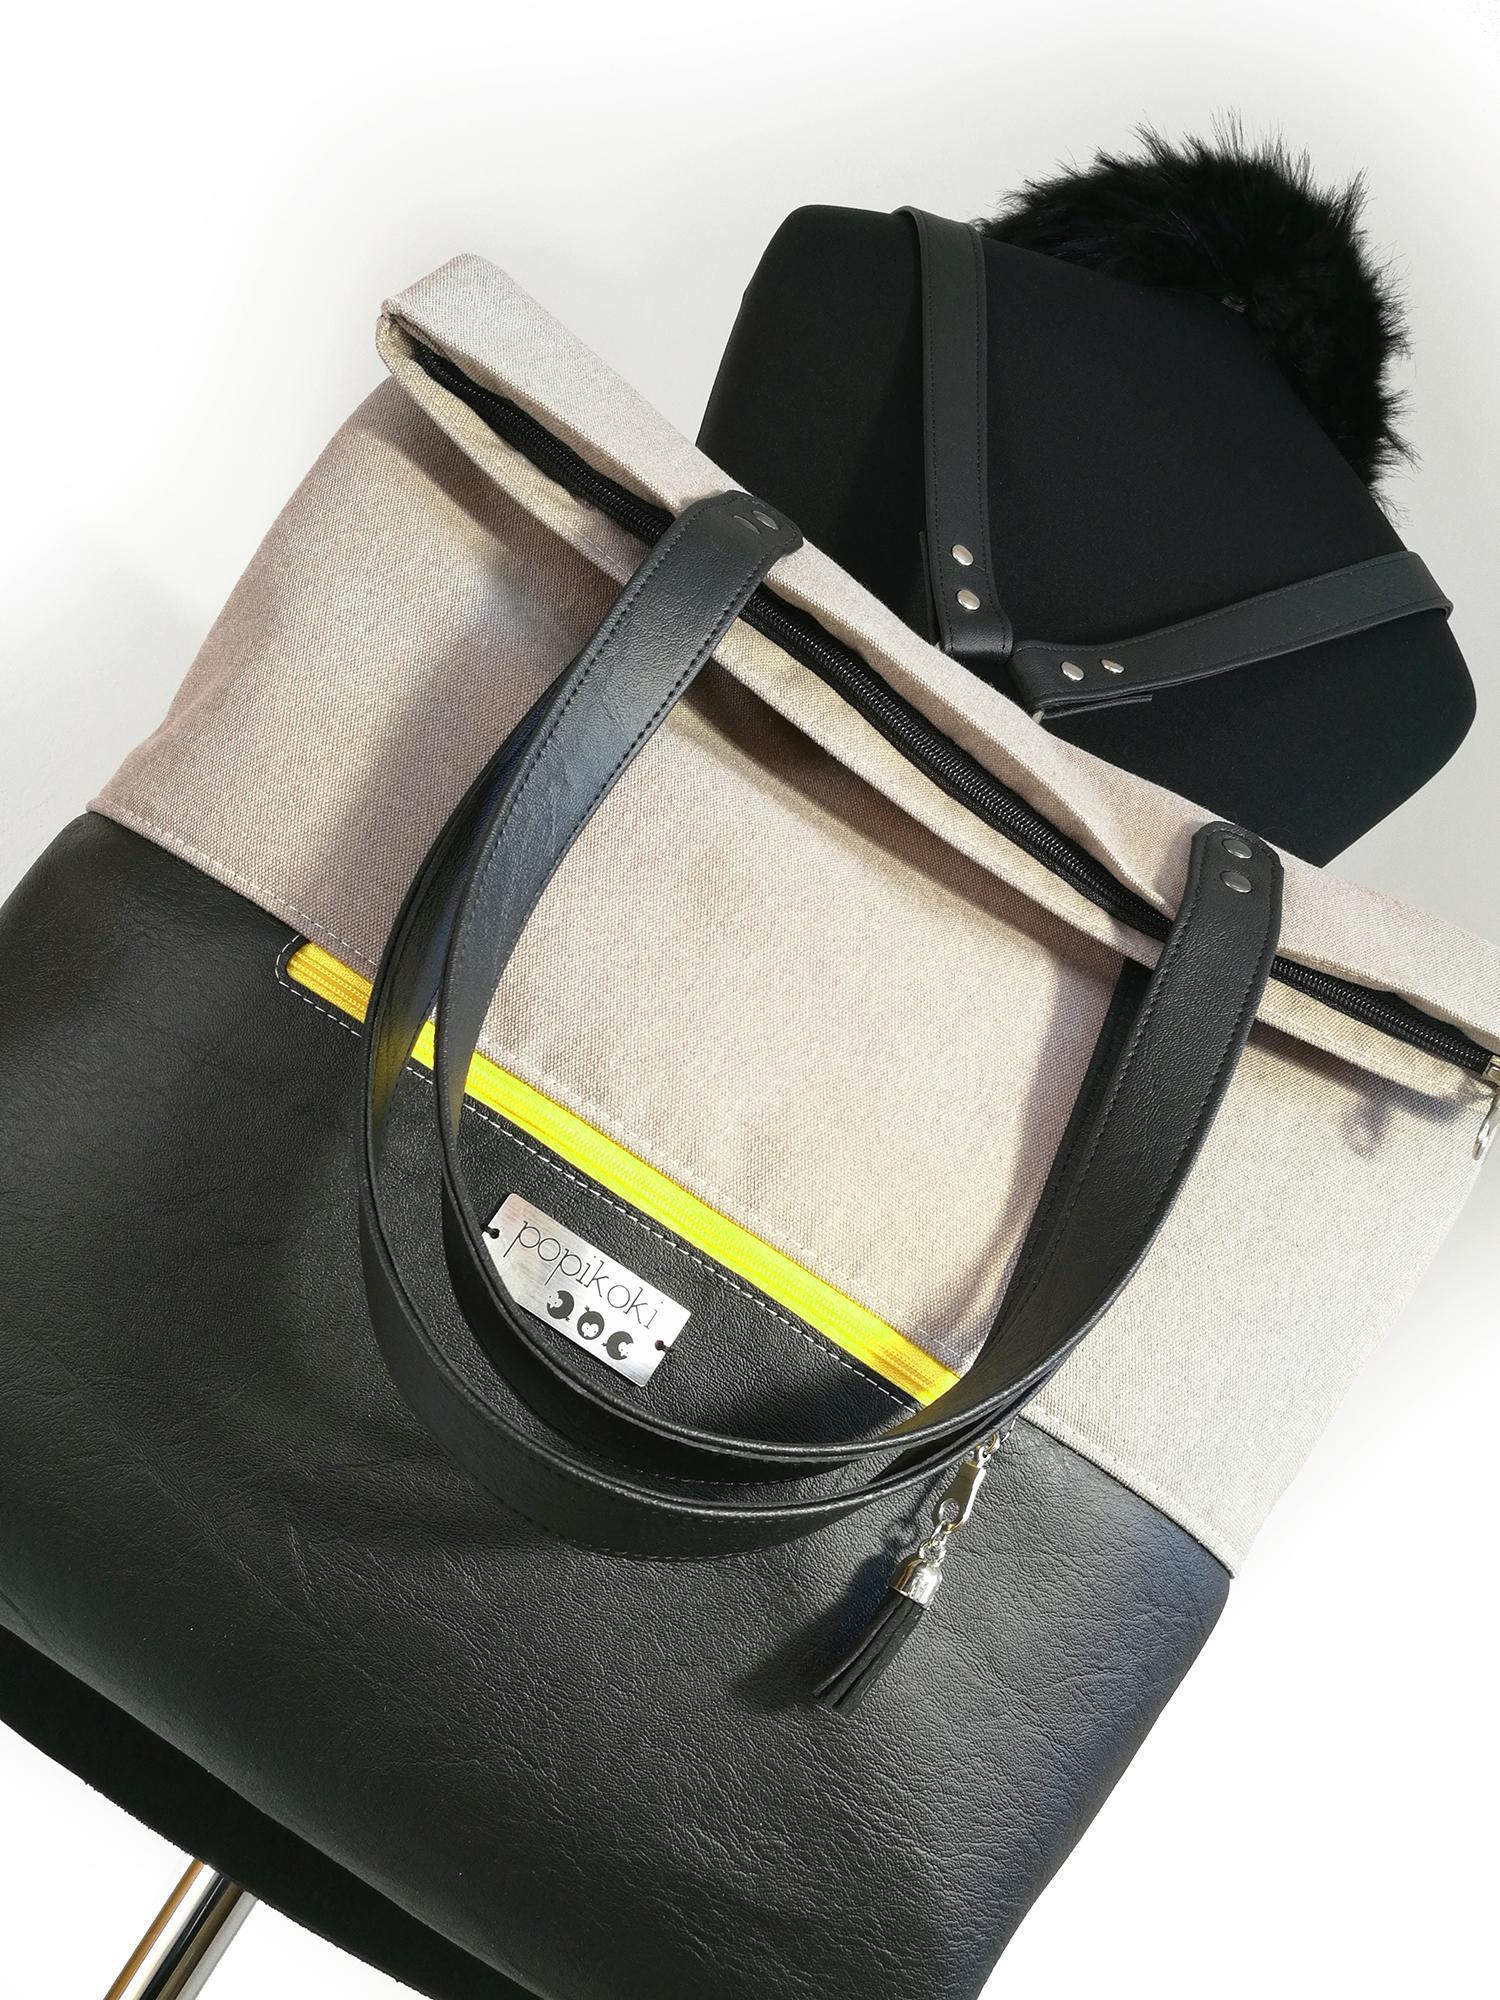 Bagpack nahrbtnik in torbica Soul 2v1